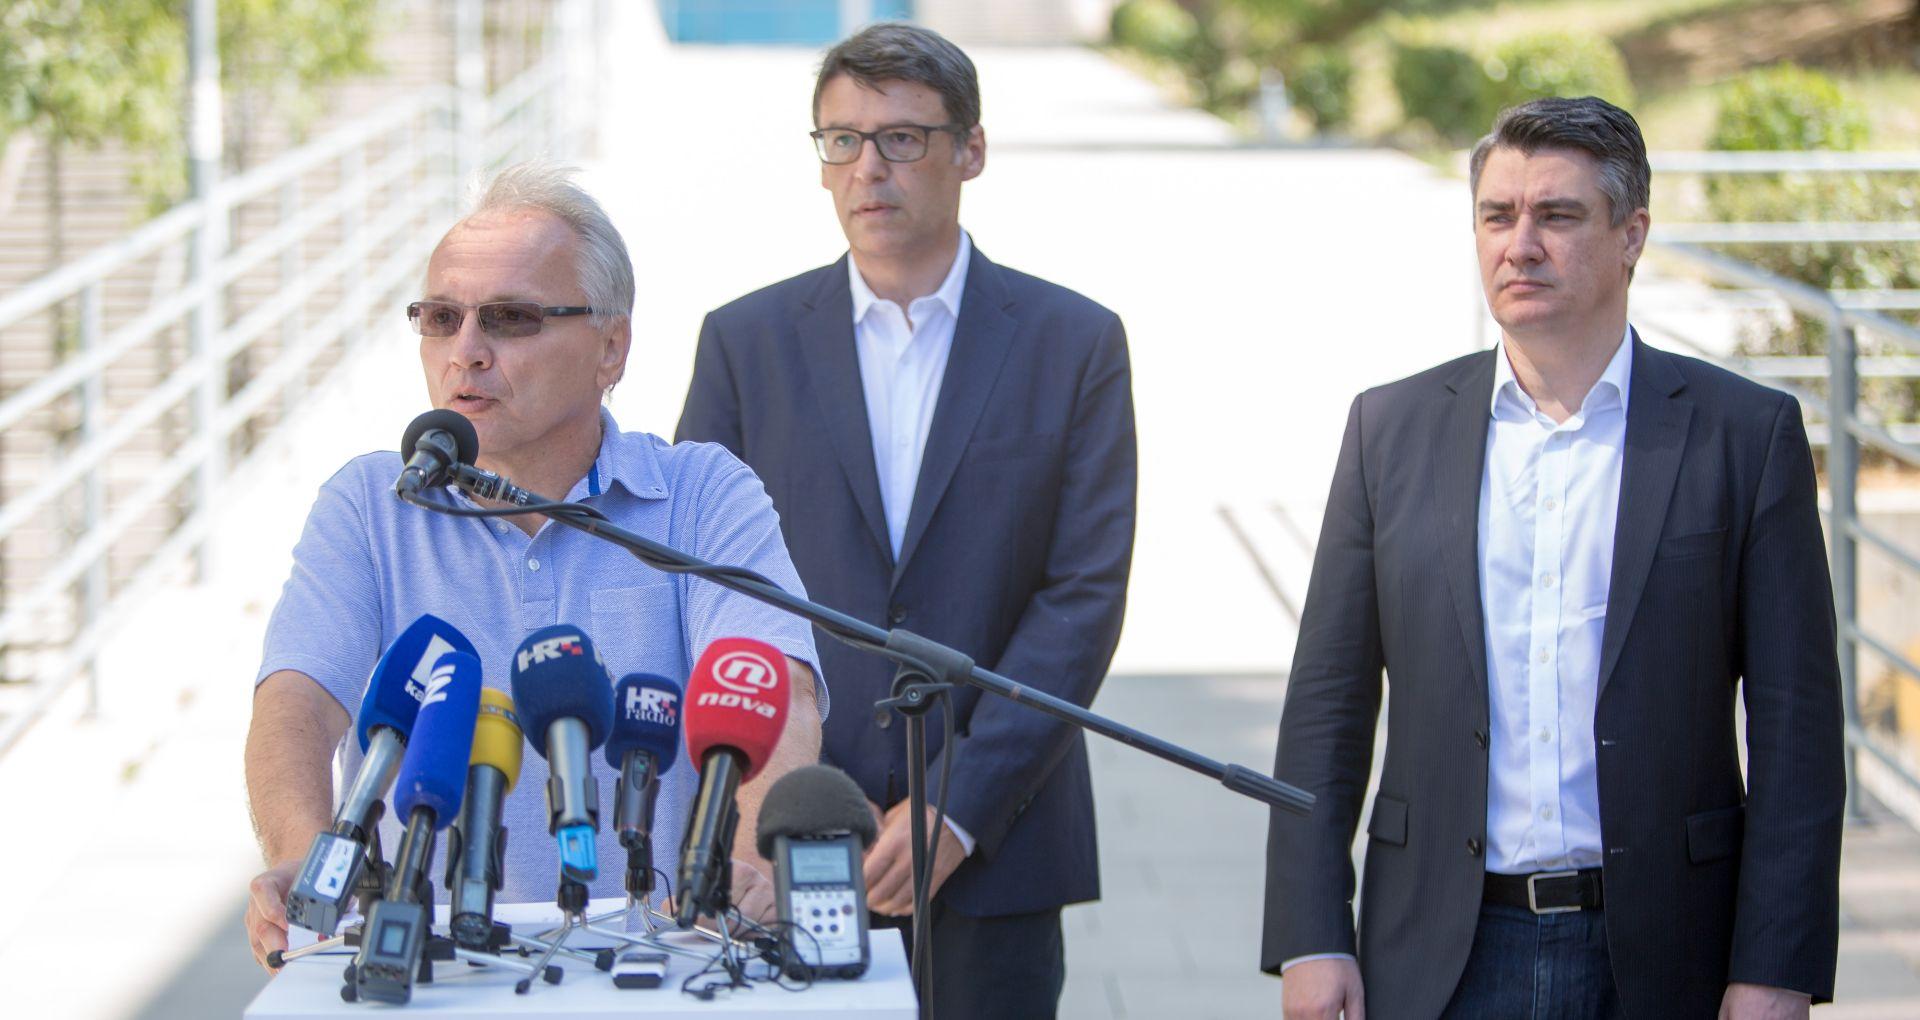 Neven Budak o poboljšanju obrazovnog sustava, Jovanović ga priželjkuje za ministra